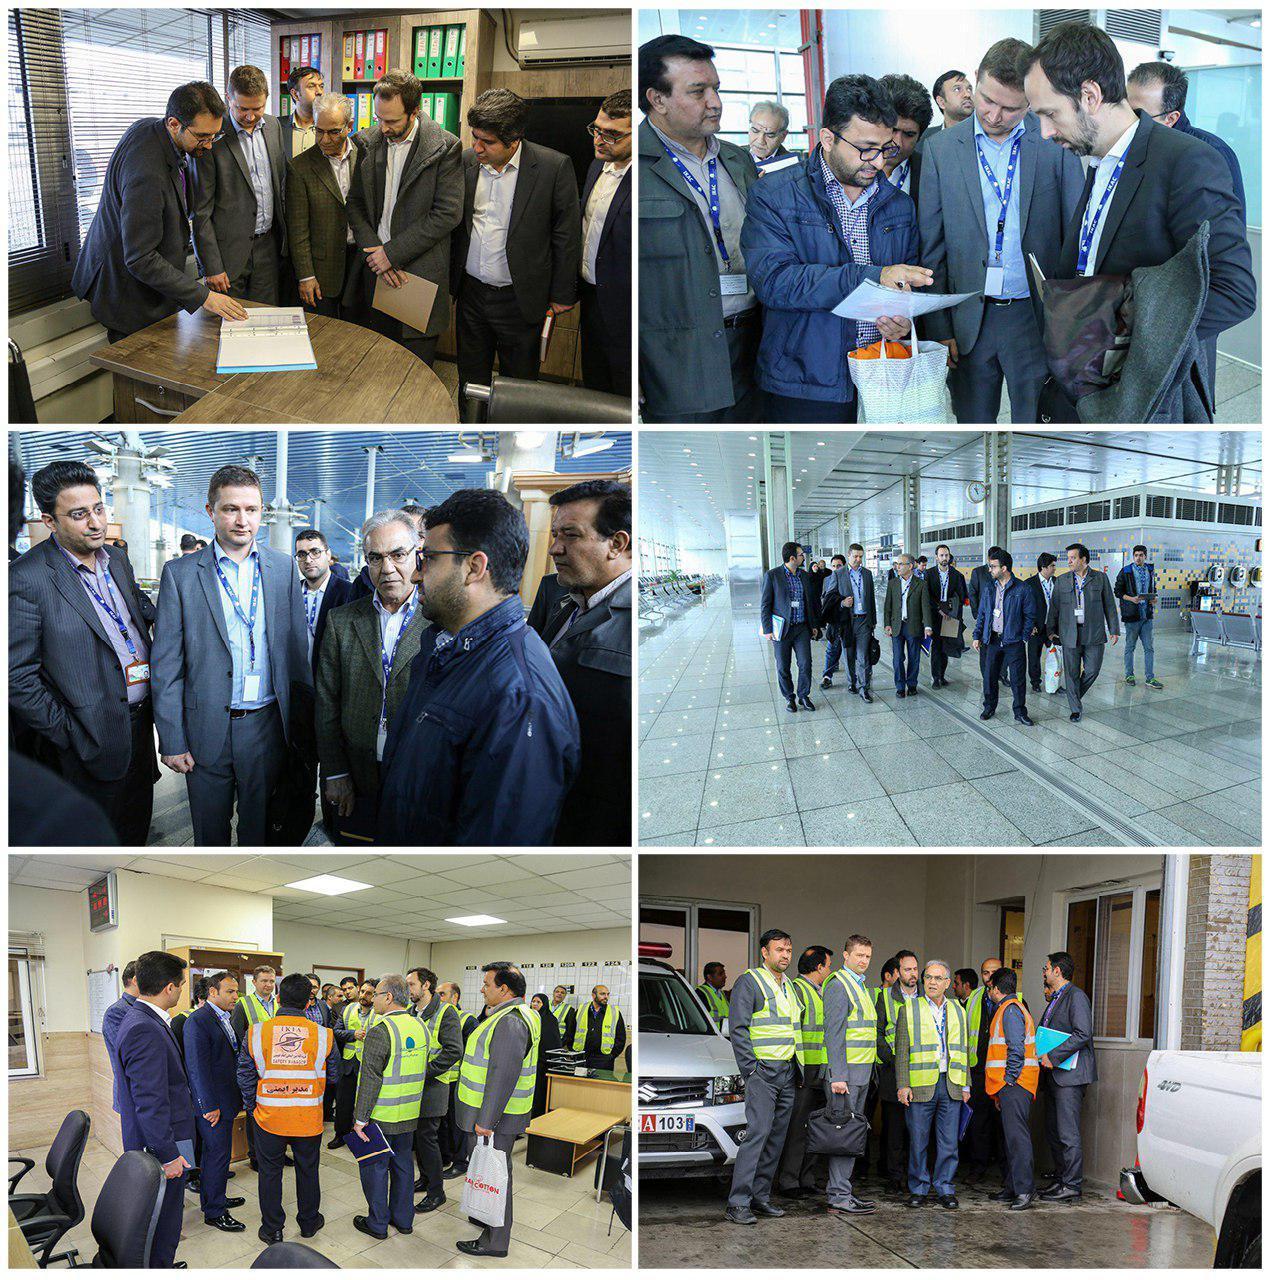 بازدید نمایندگان انجمن بین المللی حمل و نقل هوایی از فرودگاه امام